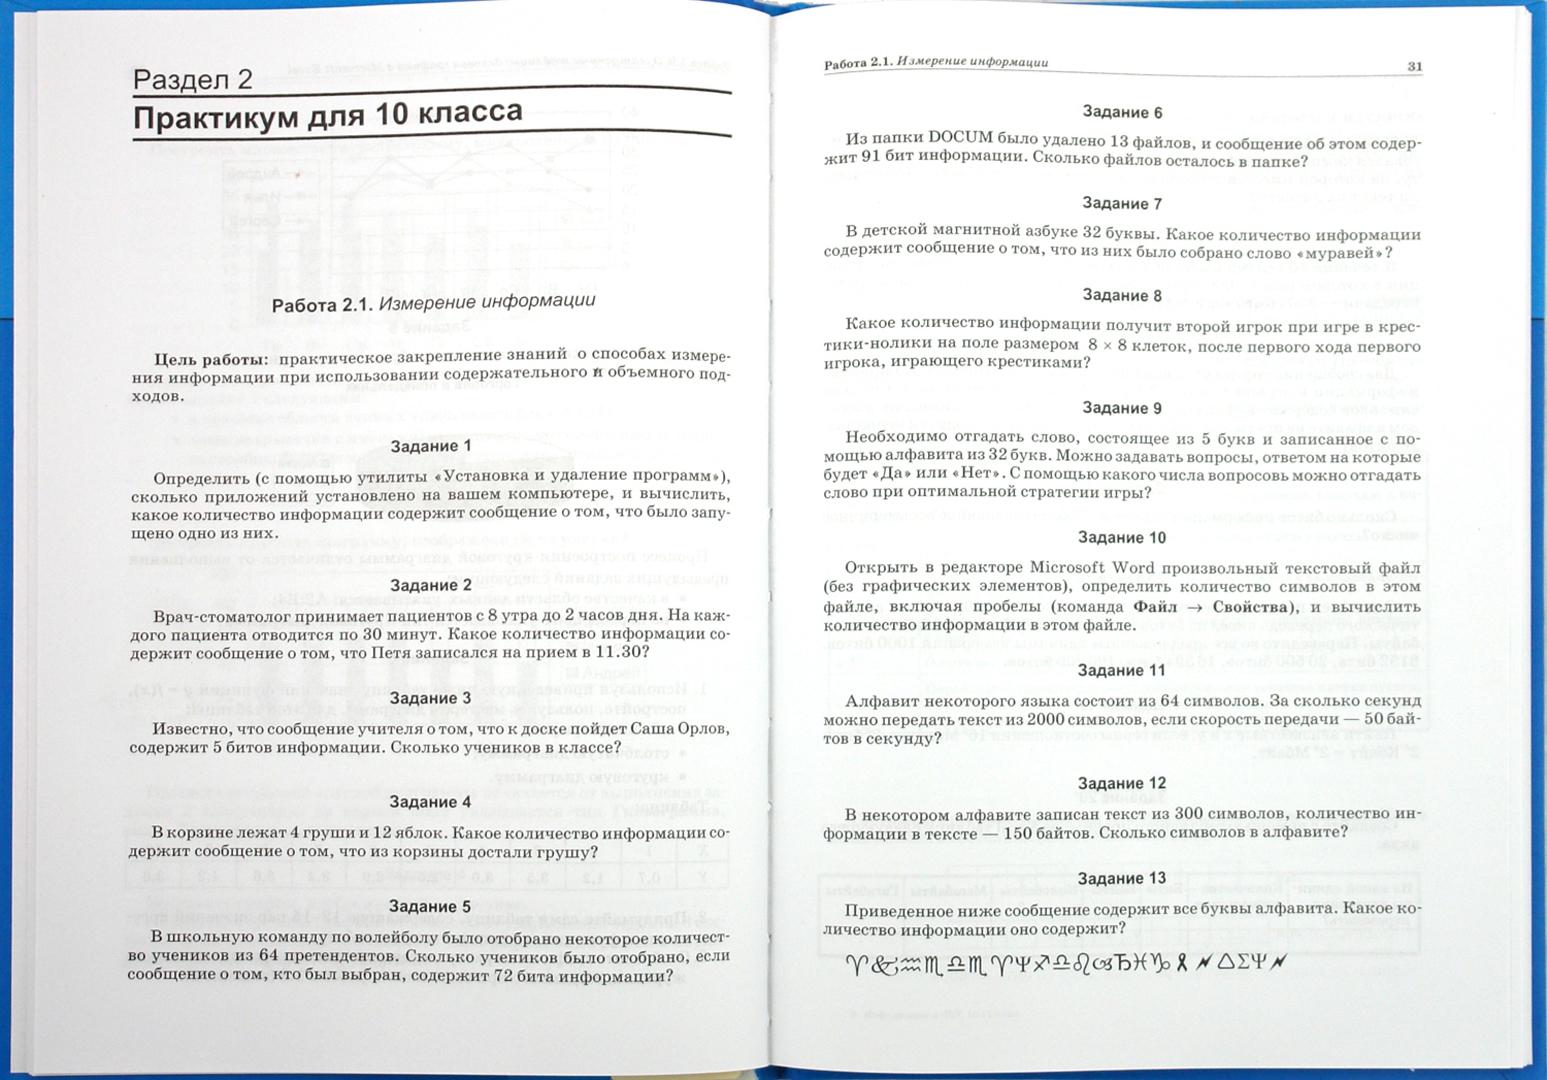 Иллюстрация 1 из 7 для Информатика и ИКТ. Базовый уровень. Практикум для 10-11 классов - Семакин, Хеннер, Шеина | Лабиринт - книги. Источник: Лабиринт